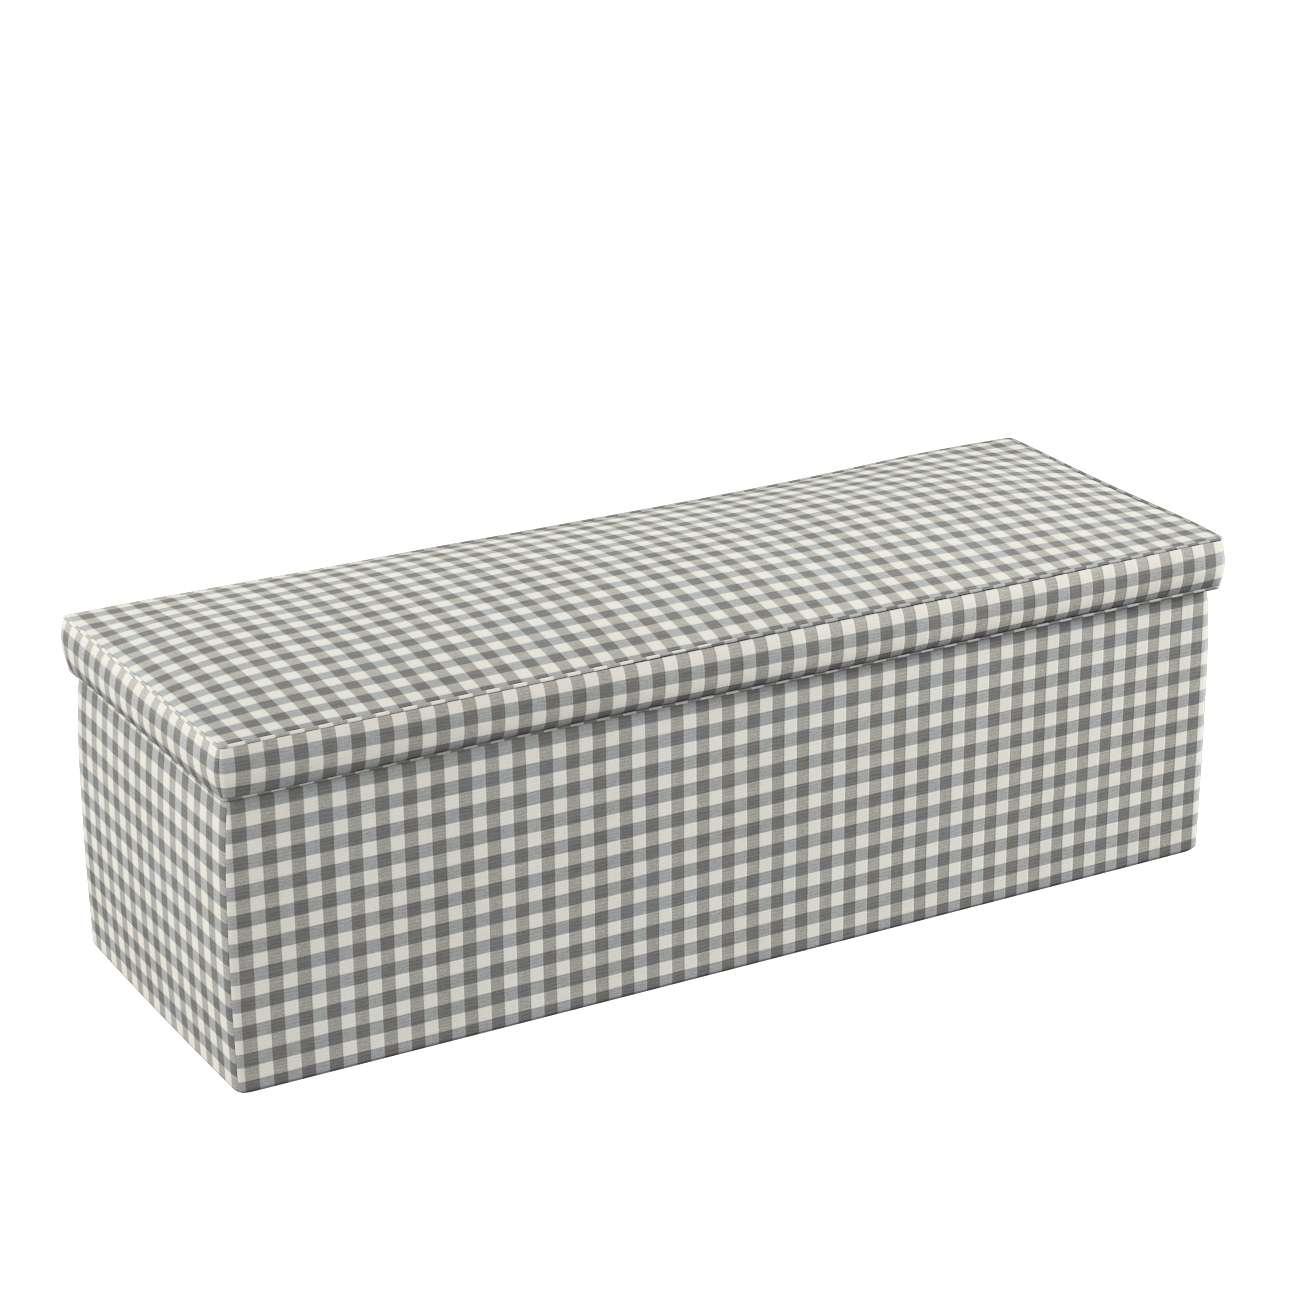 Truhlica čalúnená V kolekcii Quadro, tkanina: 136-11